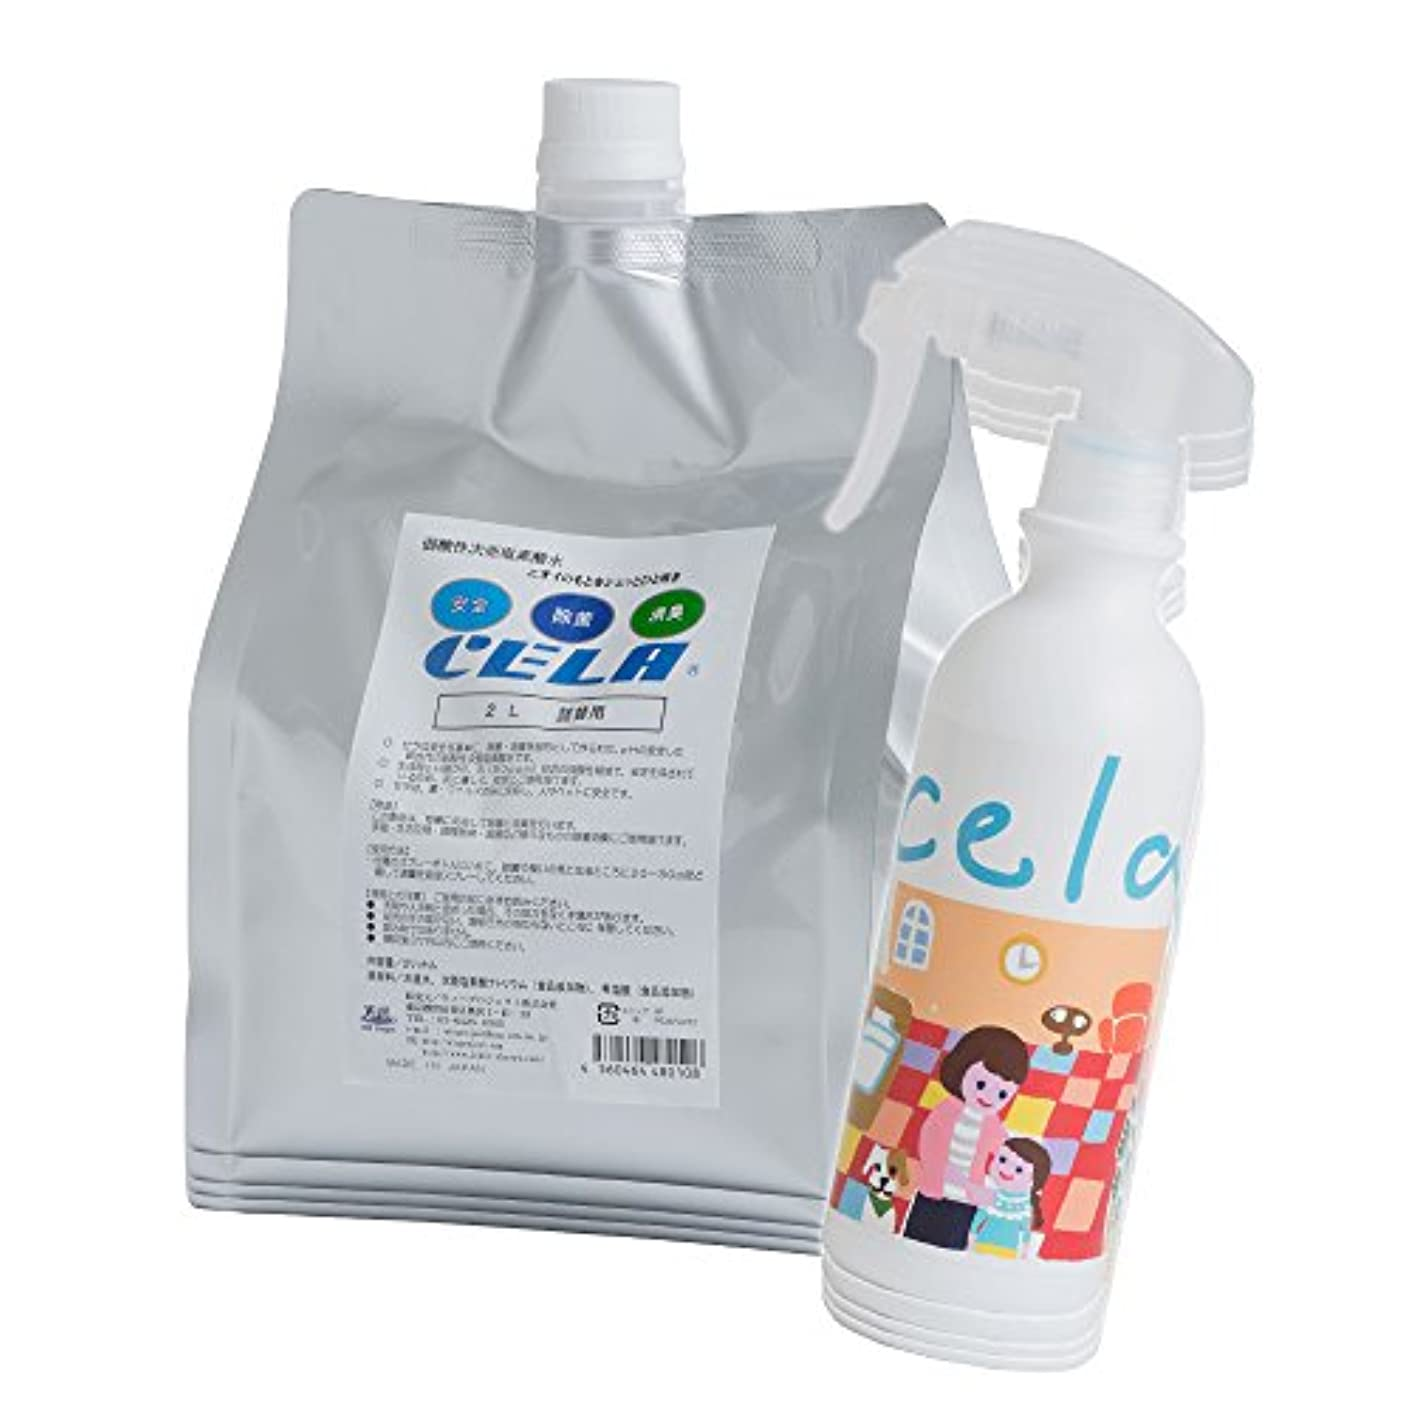 期限うなり声増幅弱酸性次亜塩素酸水【CELA(セラ)】300ミリリットルスプレーボトル&2リットル詰め替え用アルミパックセット